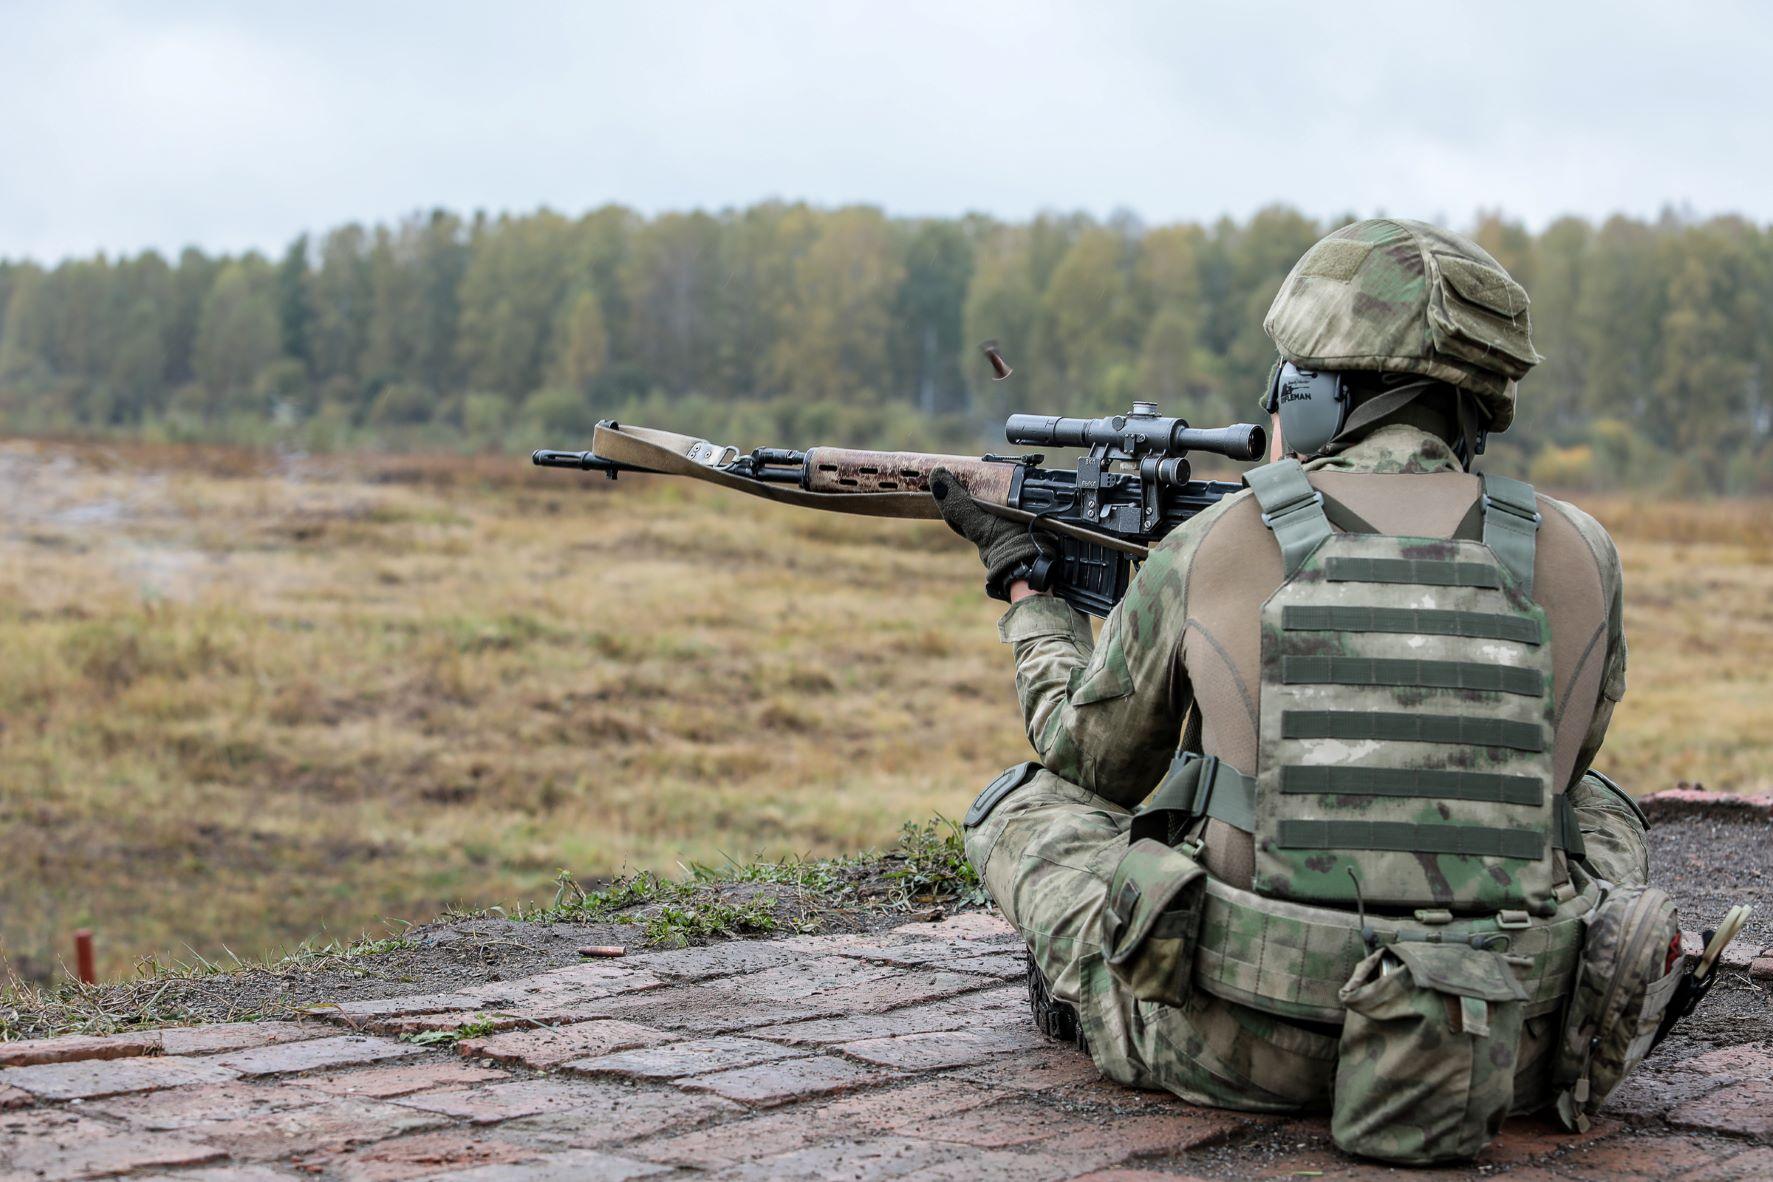 В Новосибирской области прошли соревнования по стрельбе из снайперских винтовок (фото)